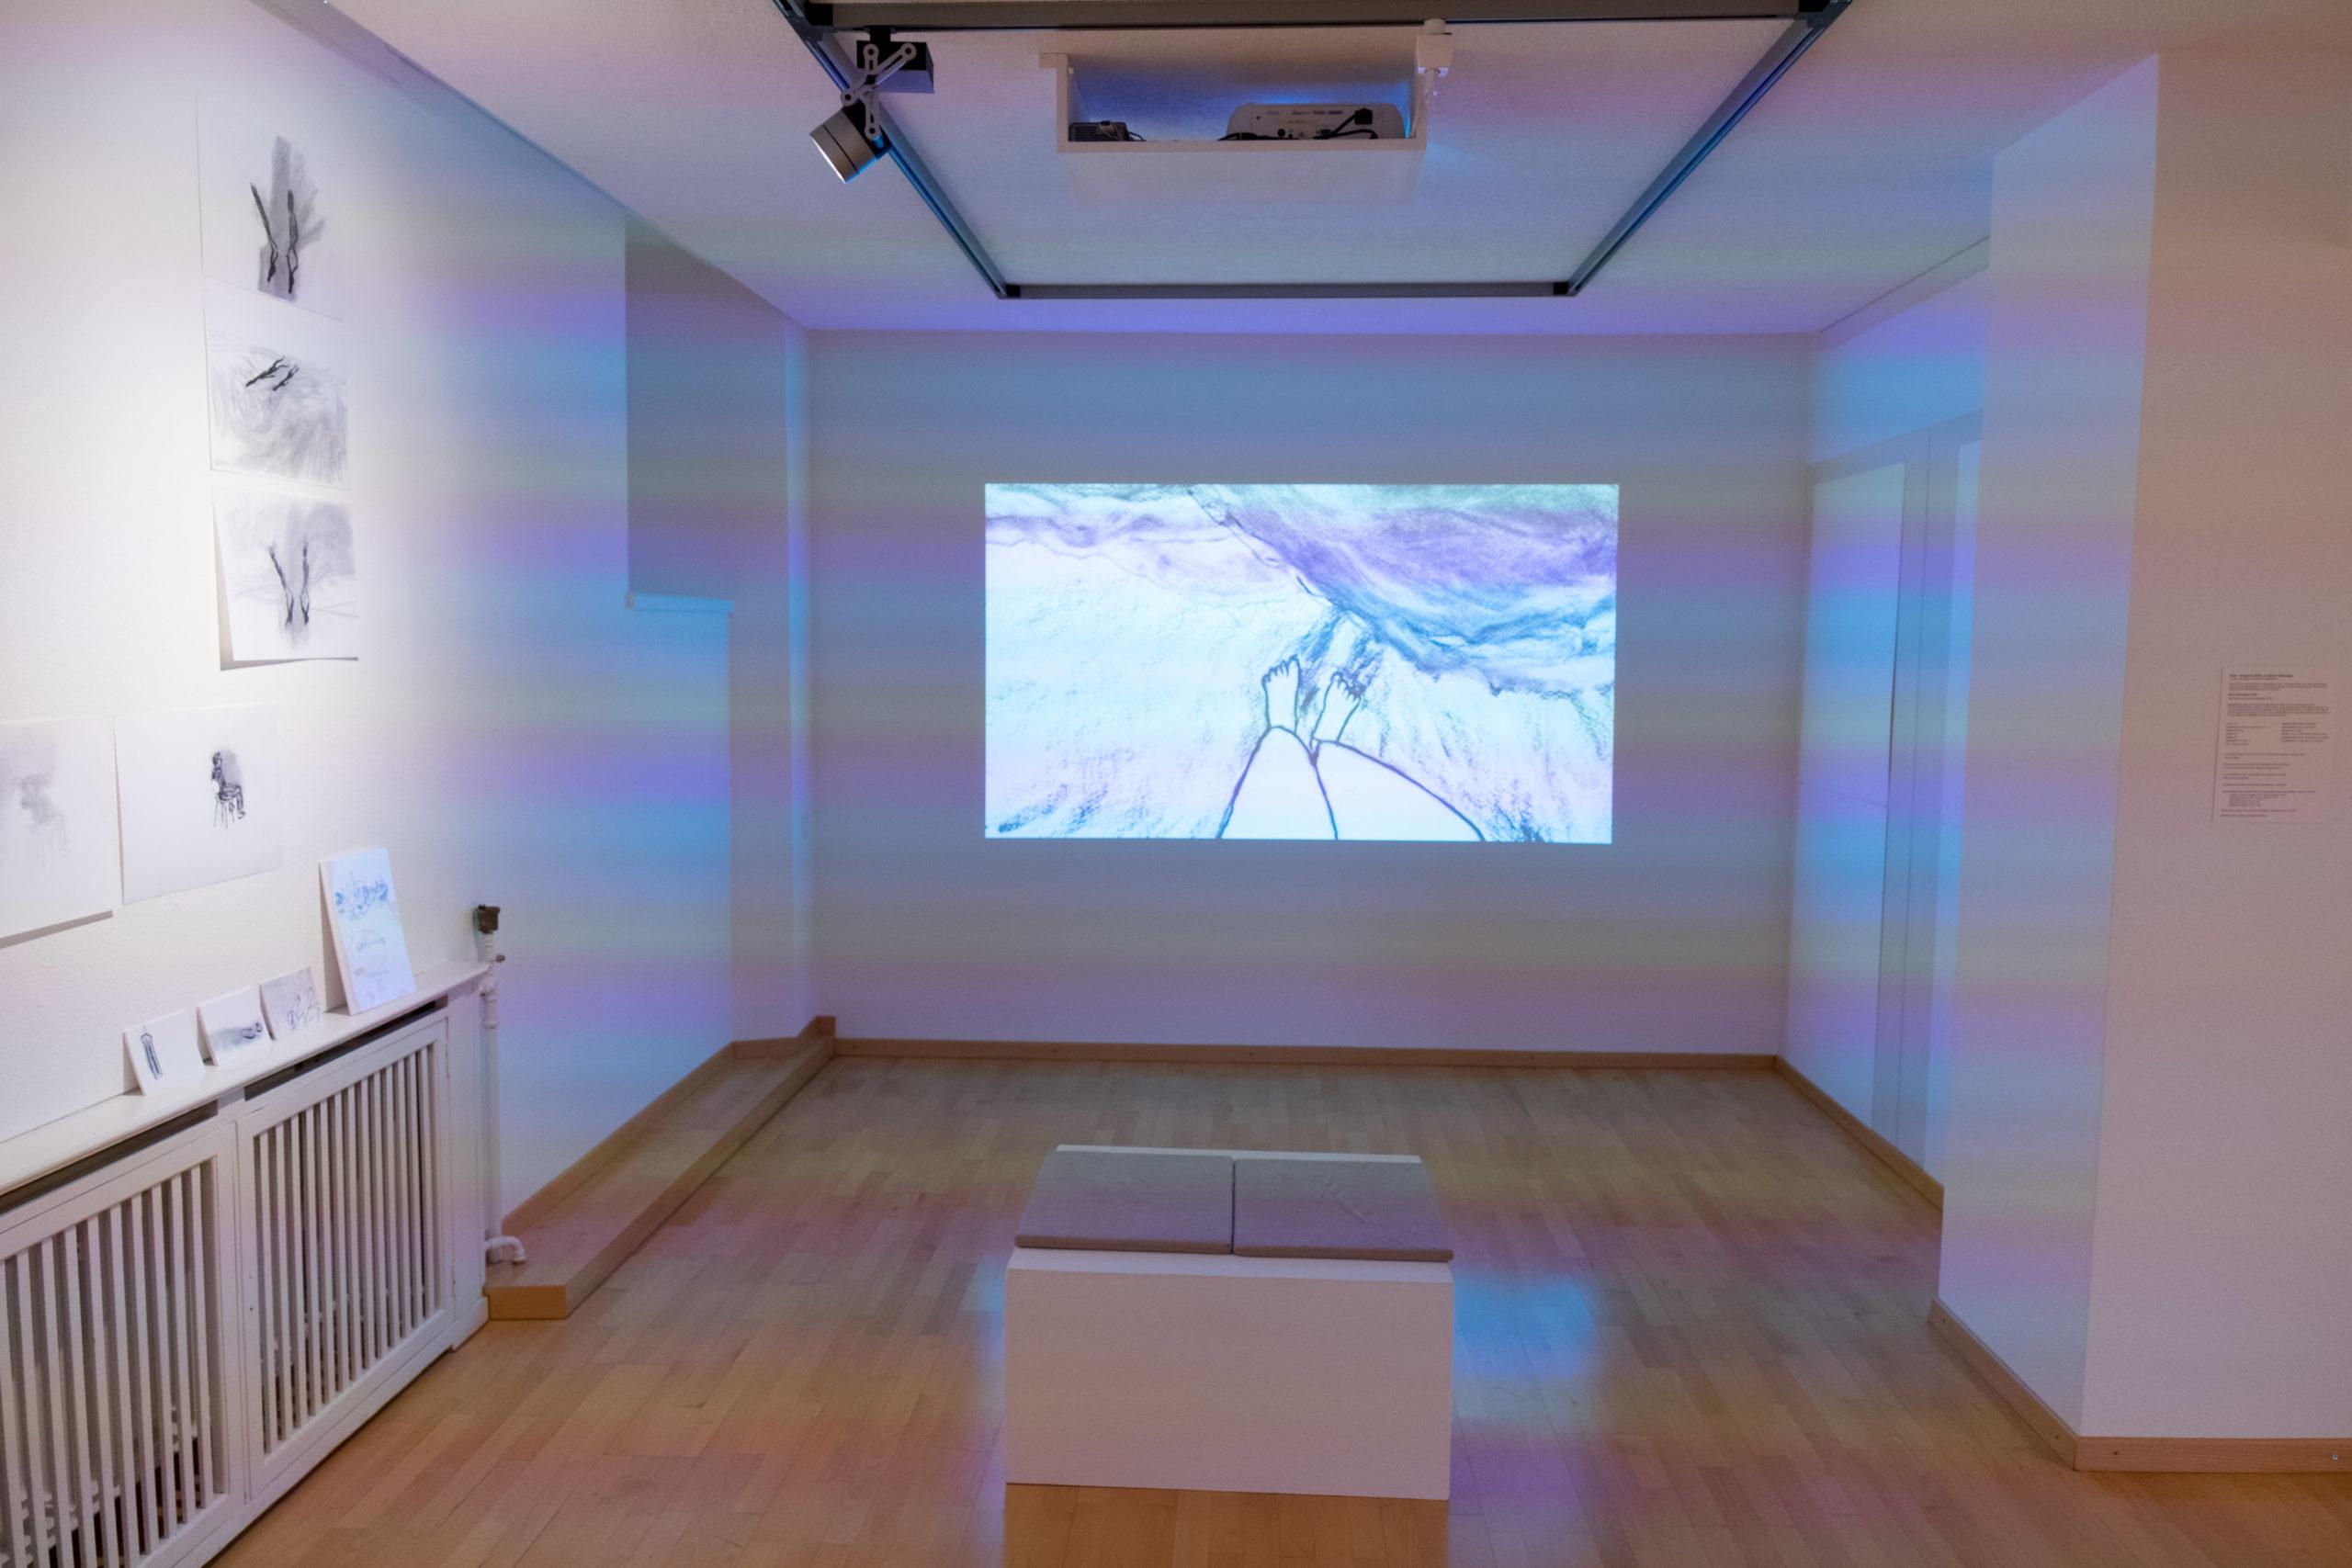 Ausstellungsansicht «20m2 – Fenster ins Atelier von Marion Nyffenegger», 22. März - 24. Mai 2020, Kunsthaus Grenchen, Foto: Laura Hadorn © Marion Nyffenegger und Kunsthaus Grenchen